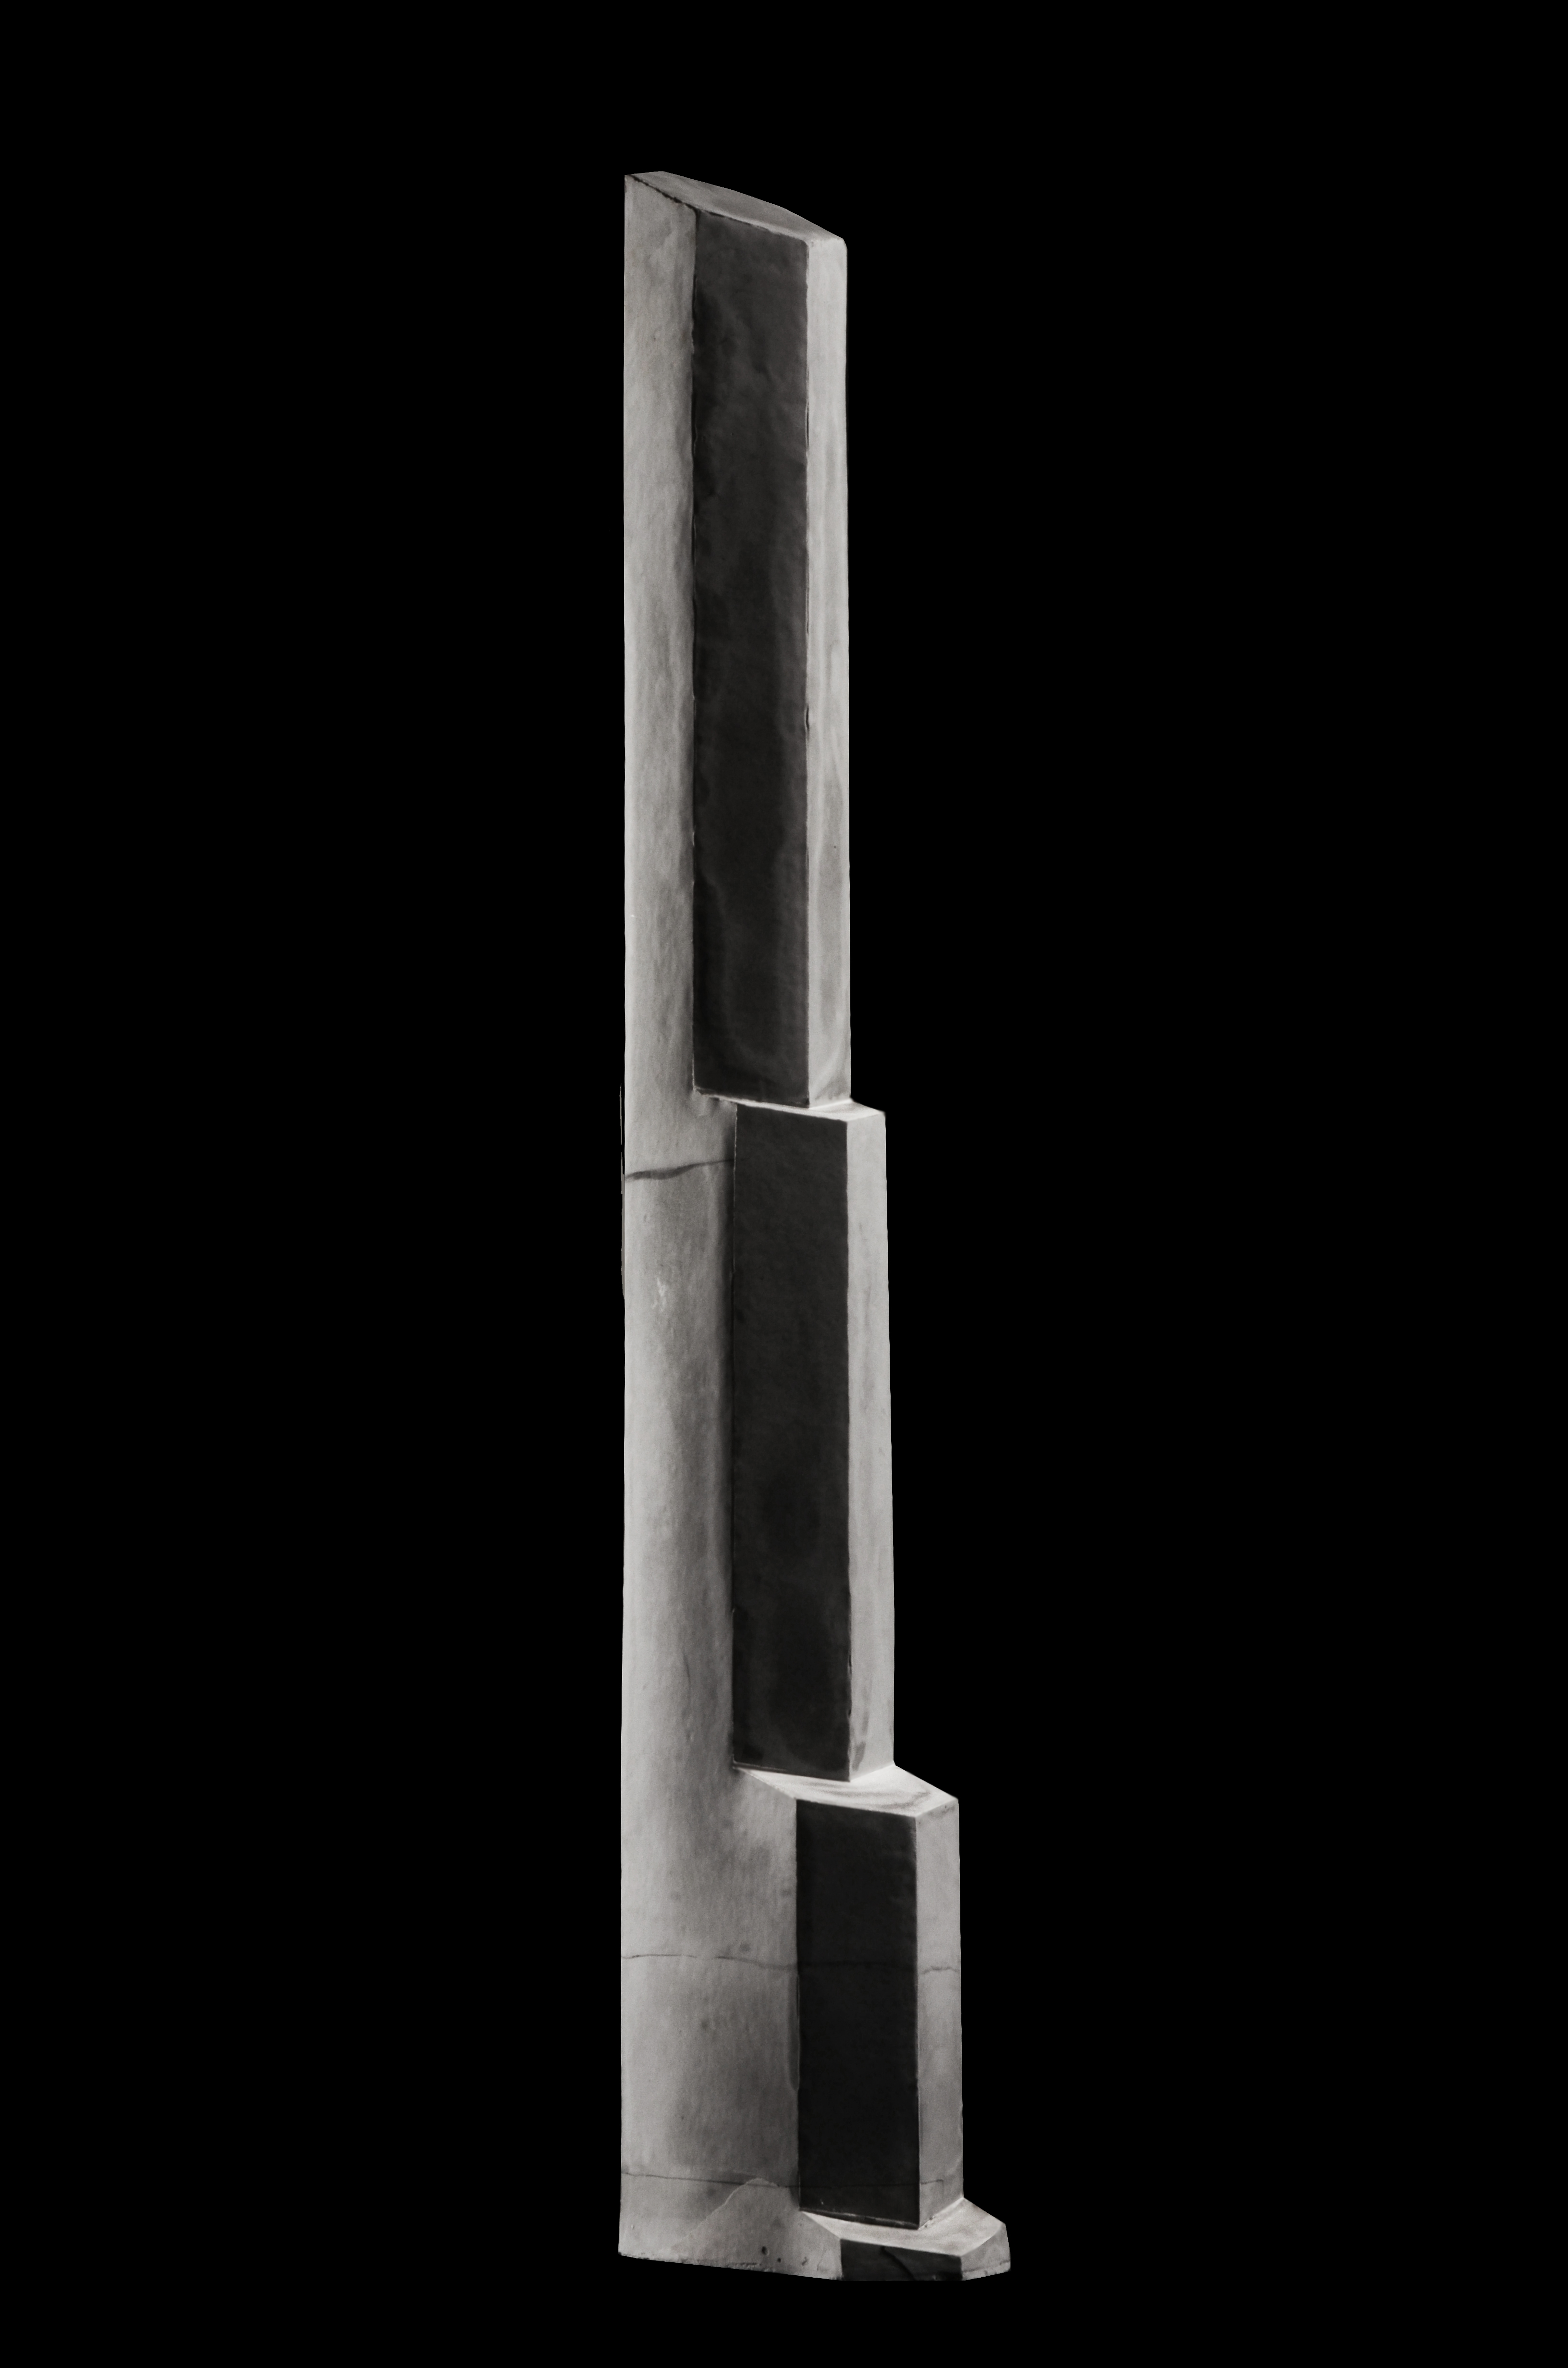 TOWER-MANHATTAN-TEXAS A&M-7